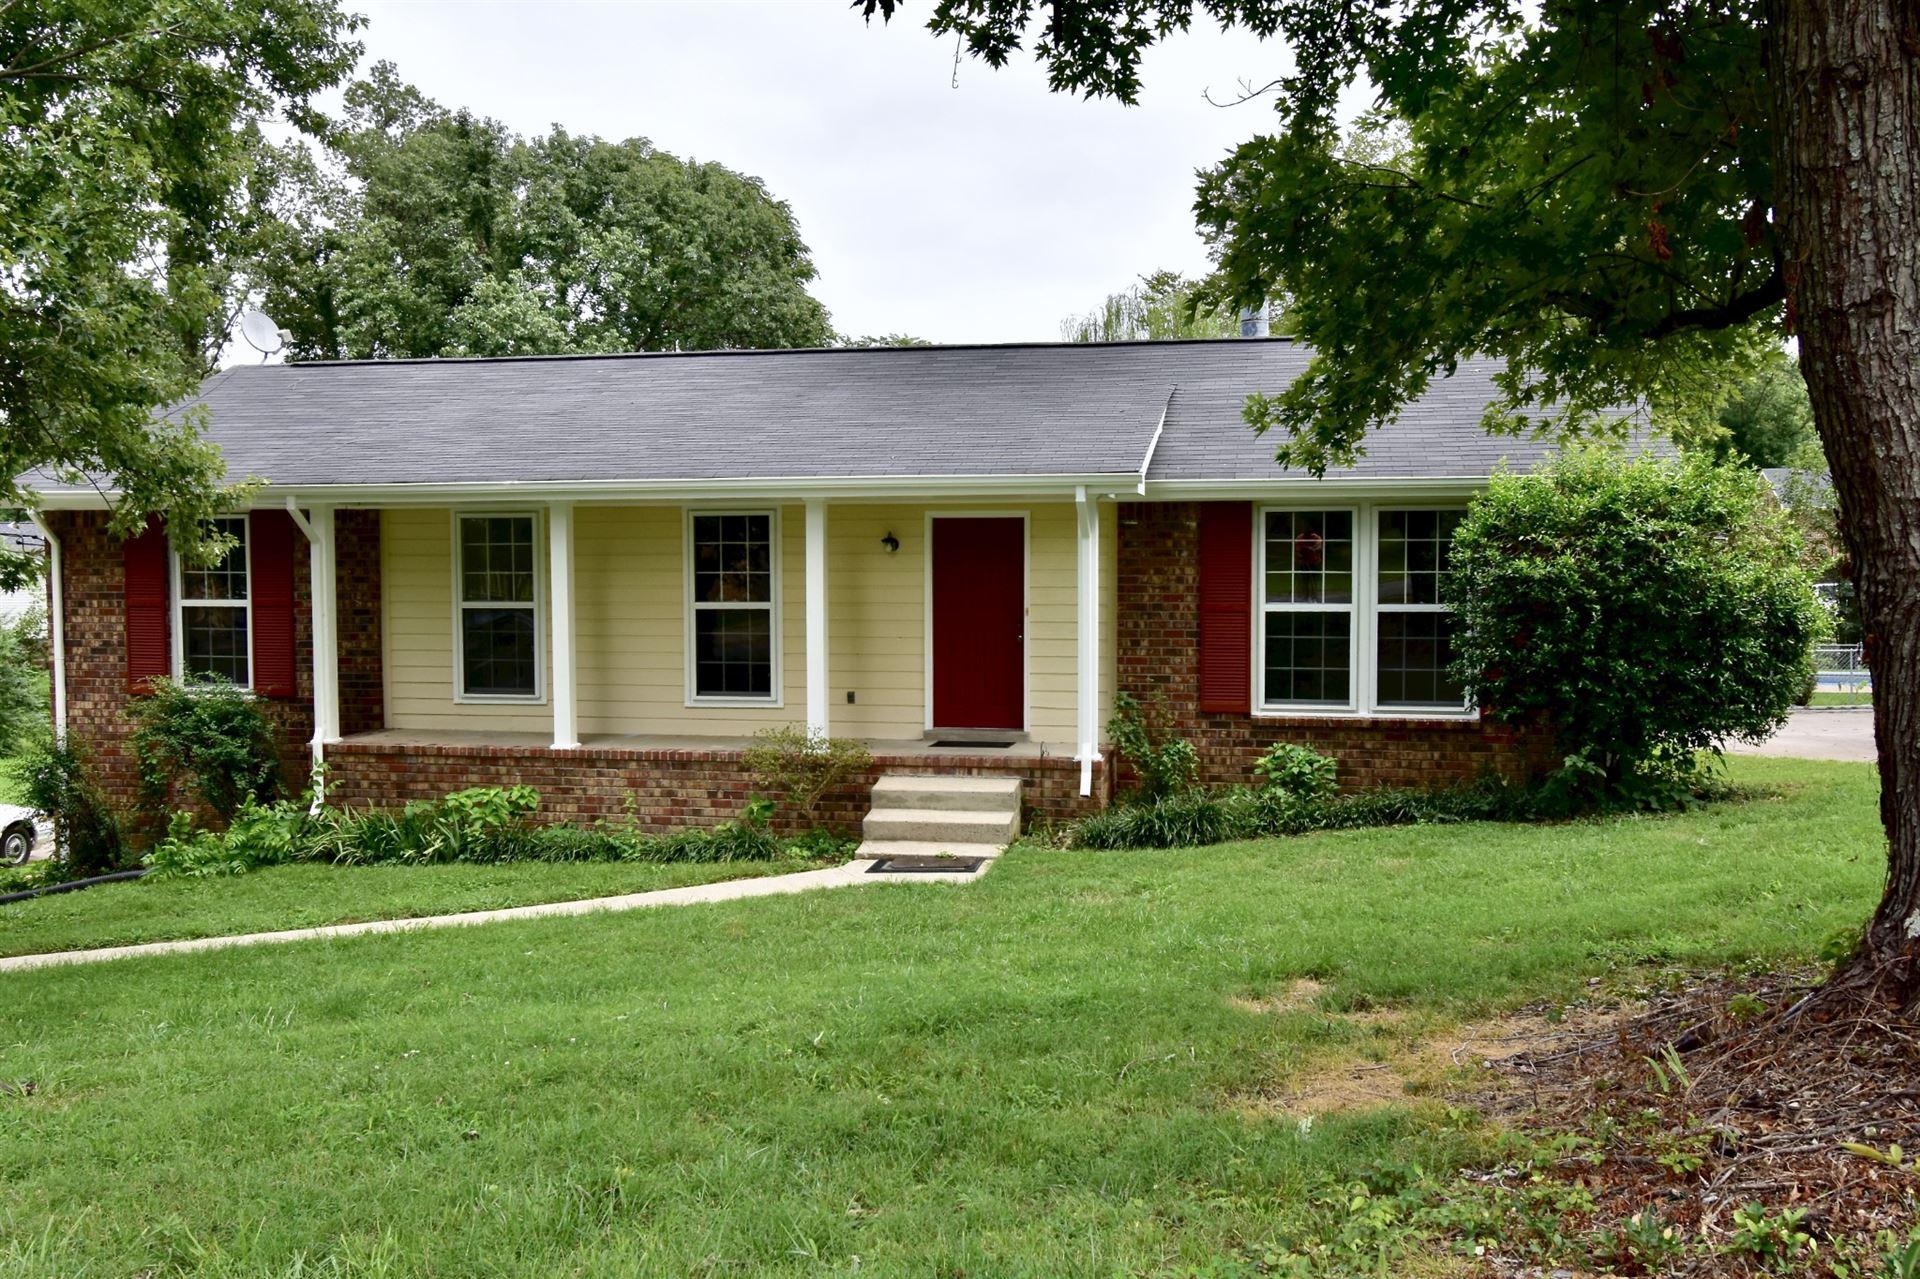 813 Fitzpatrick Rd, Nashville, TN 37214 - MLS#: 2176570